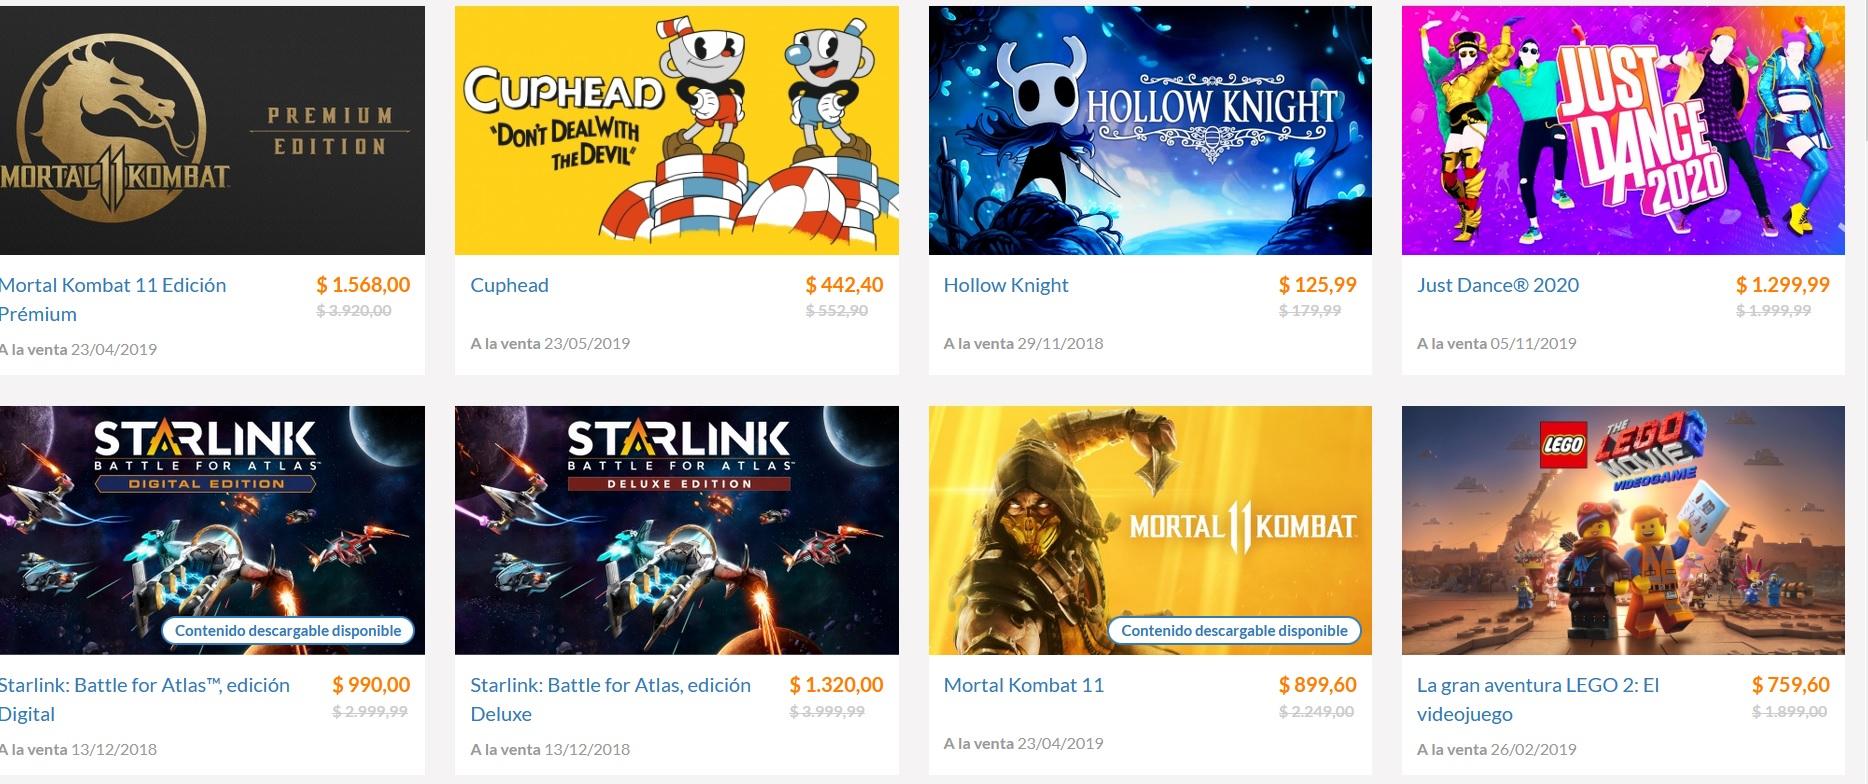 Nintendo Eshop Argentina: Mortal Kombat 11 $283.61 y Edicion Premium $494.33 y mas